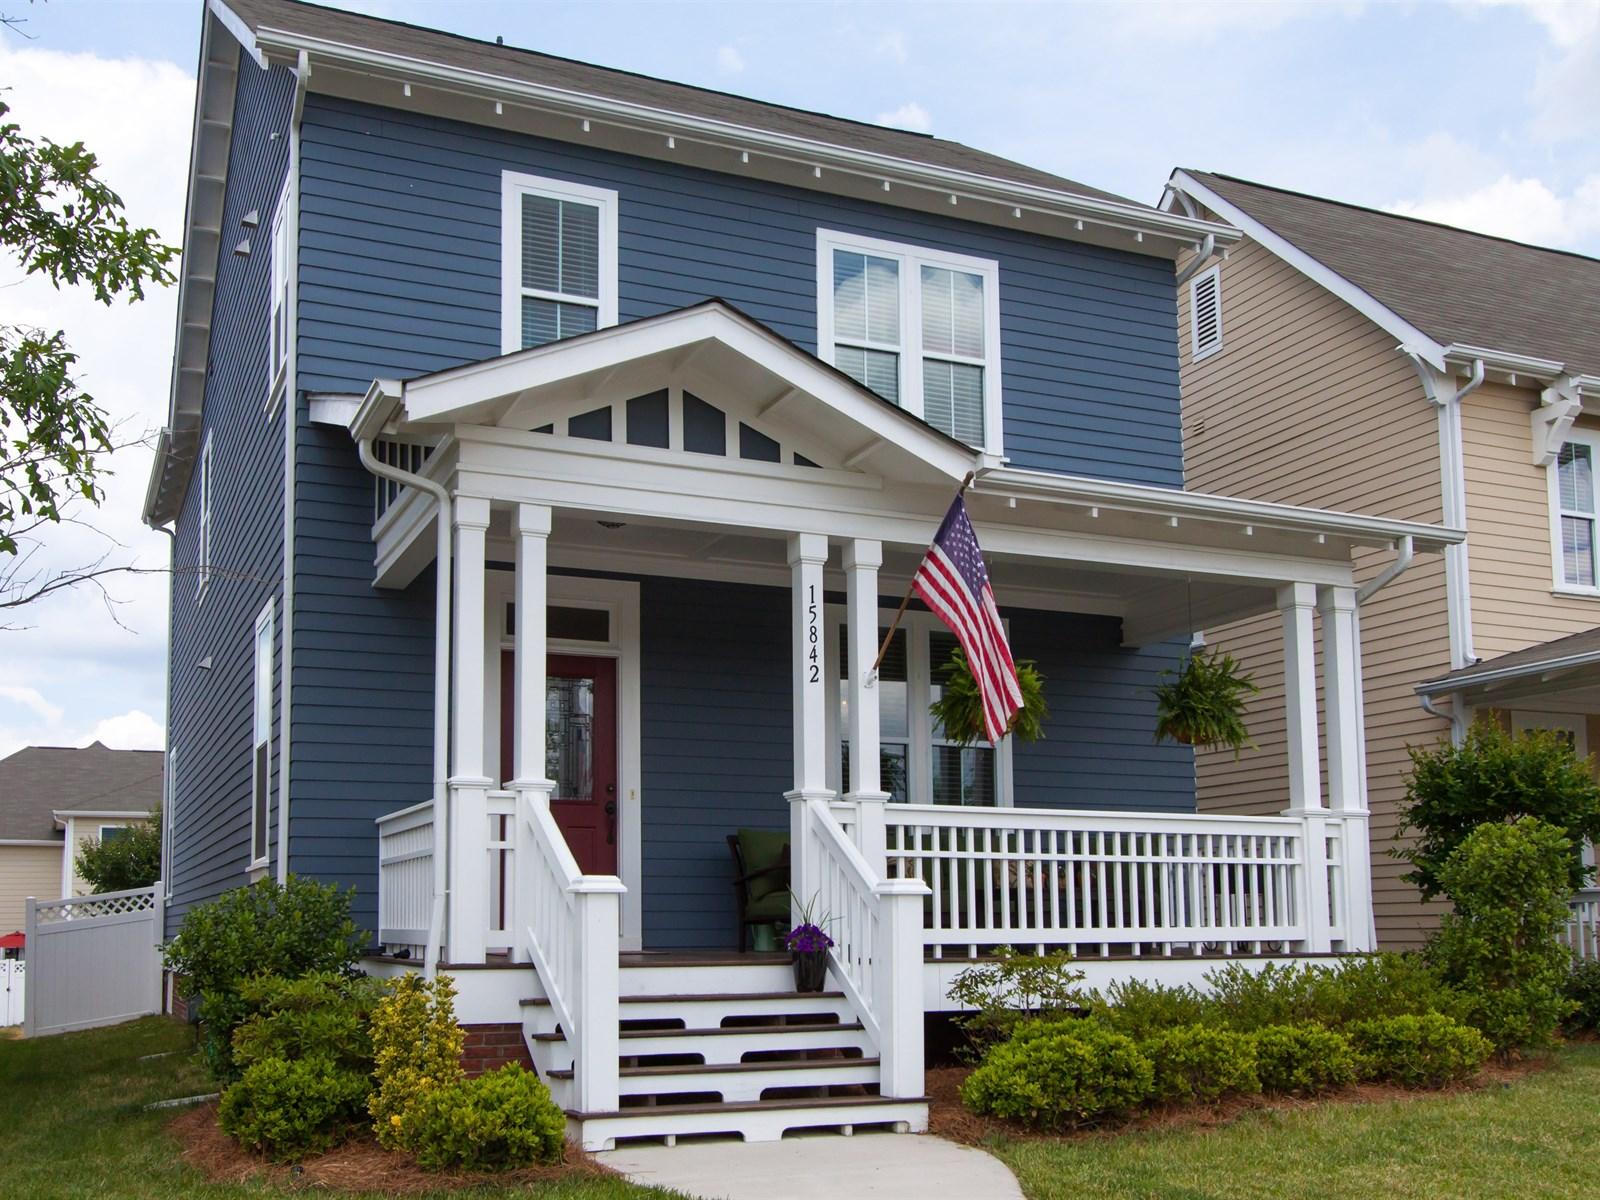 Imagrecent home sale in Davidson